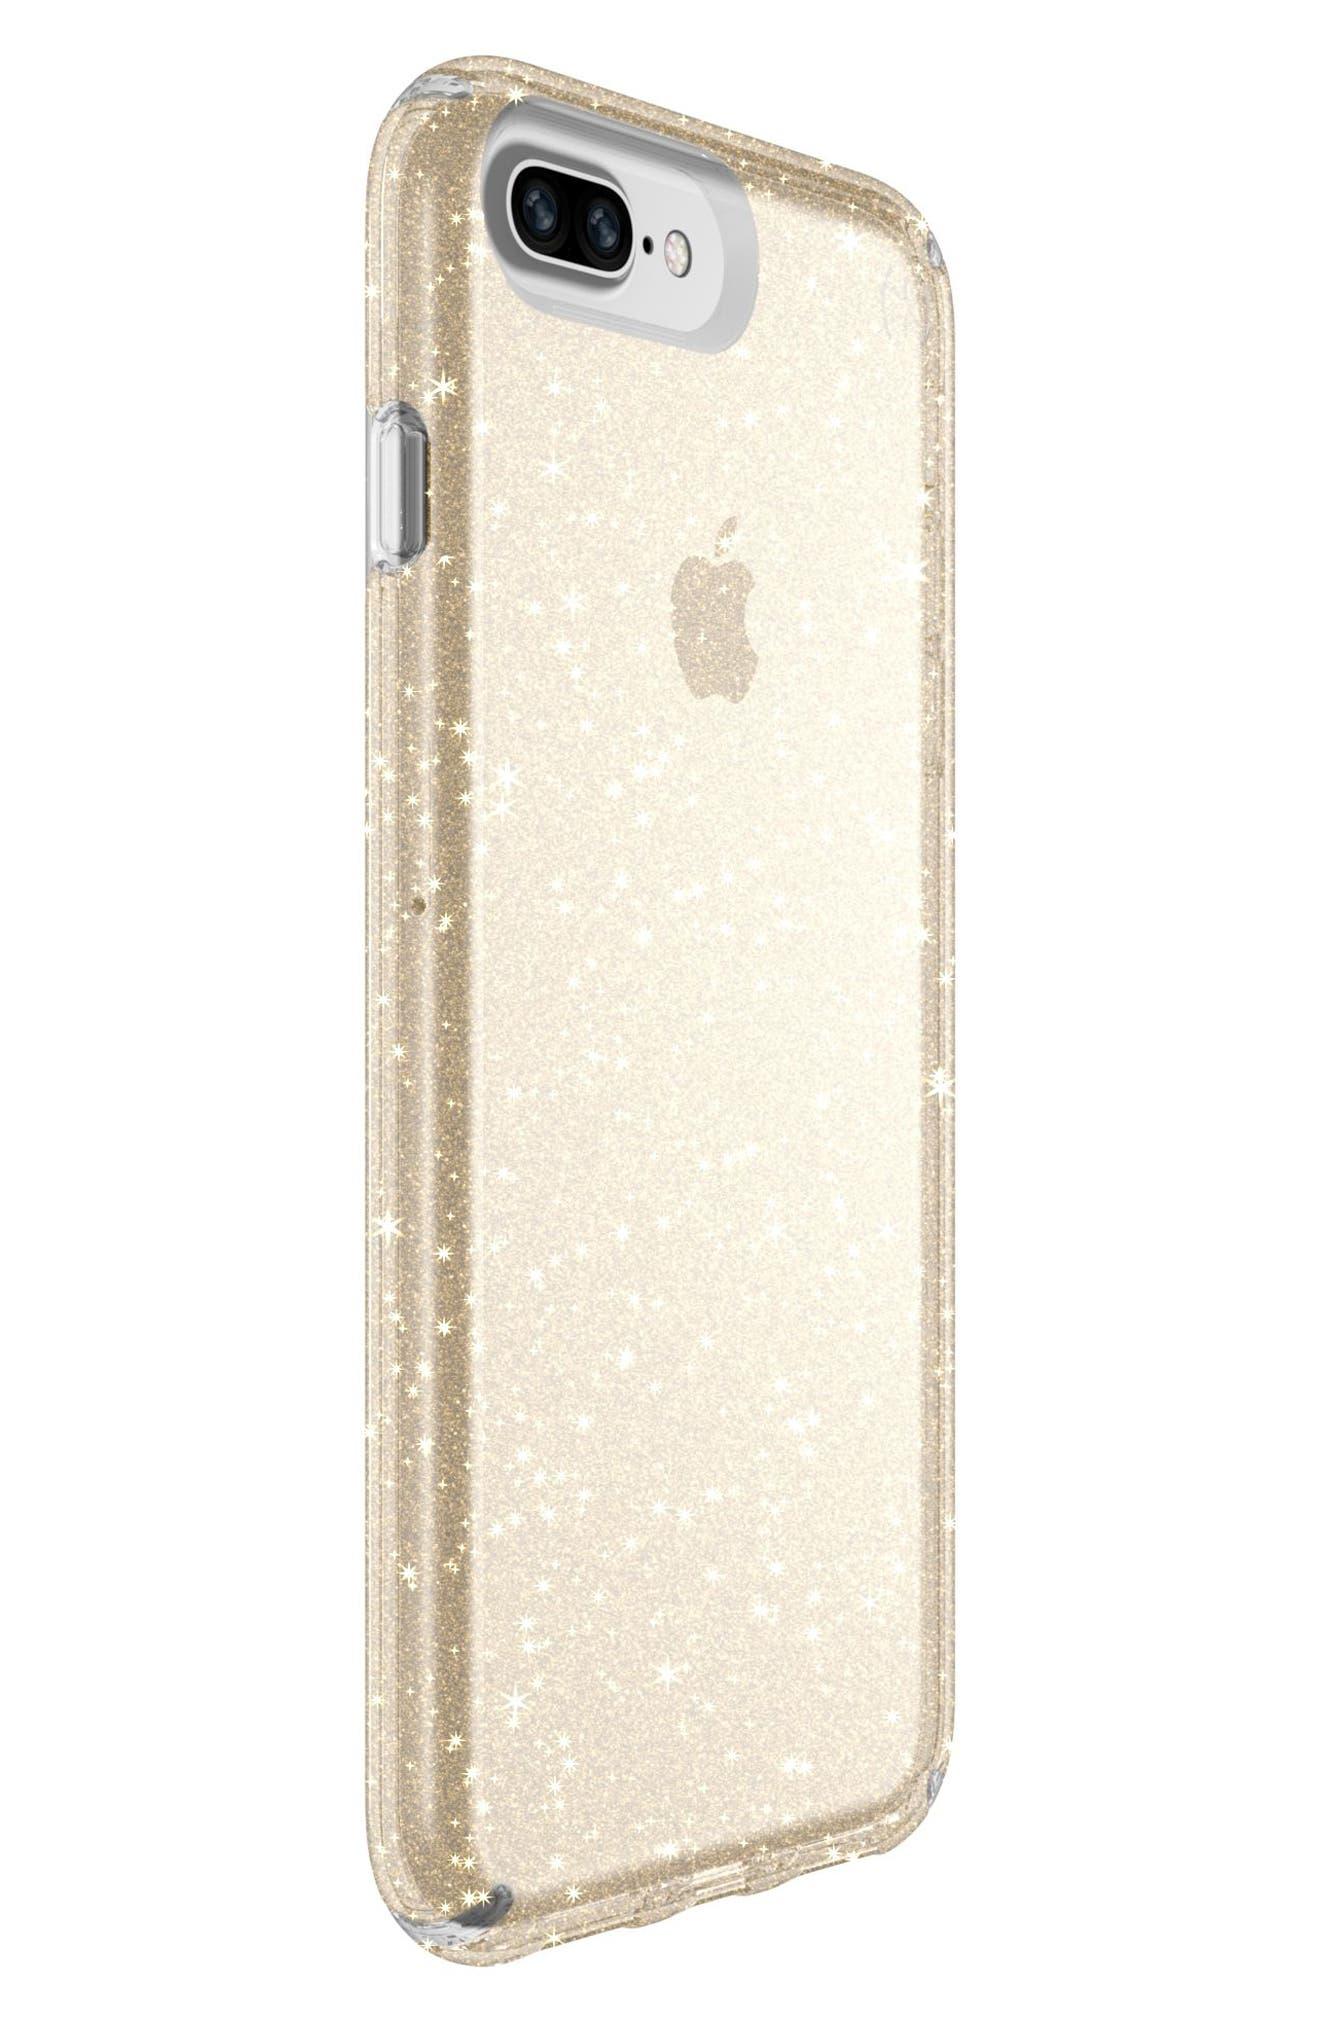 iPhone 6/6s/7/8 Plus Case,                             Alternate thumbnail 6, color,                             716